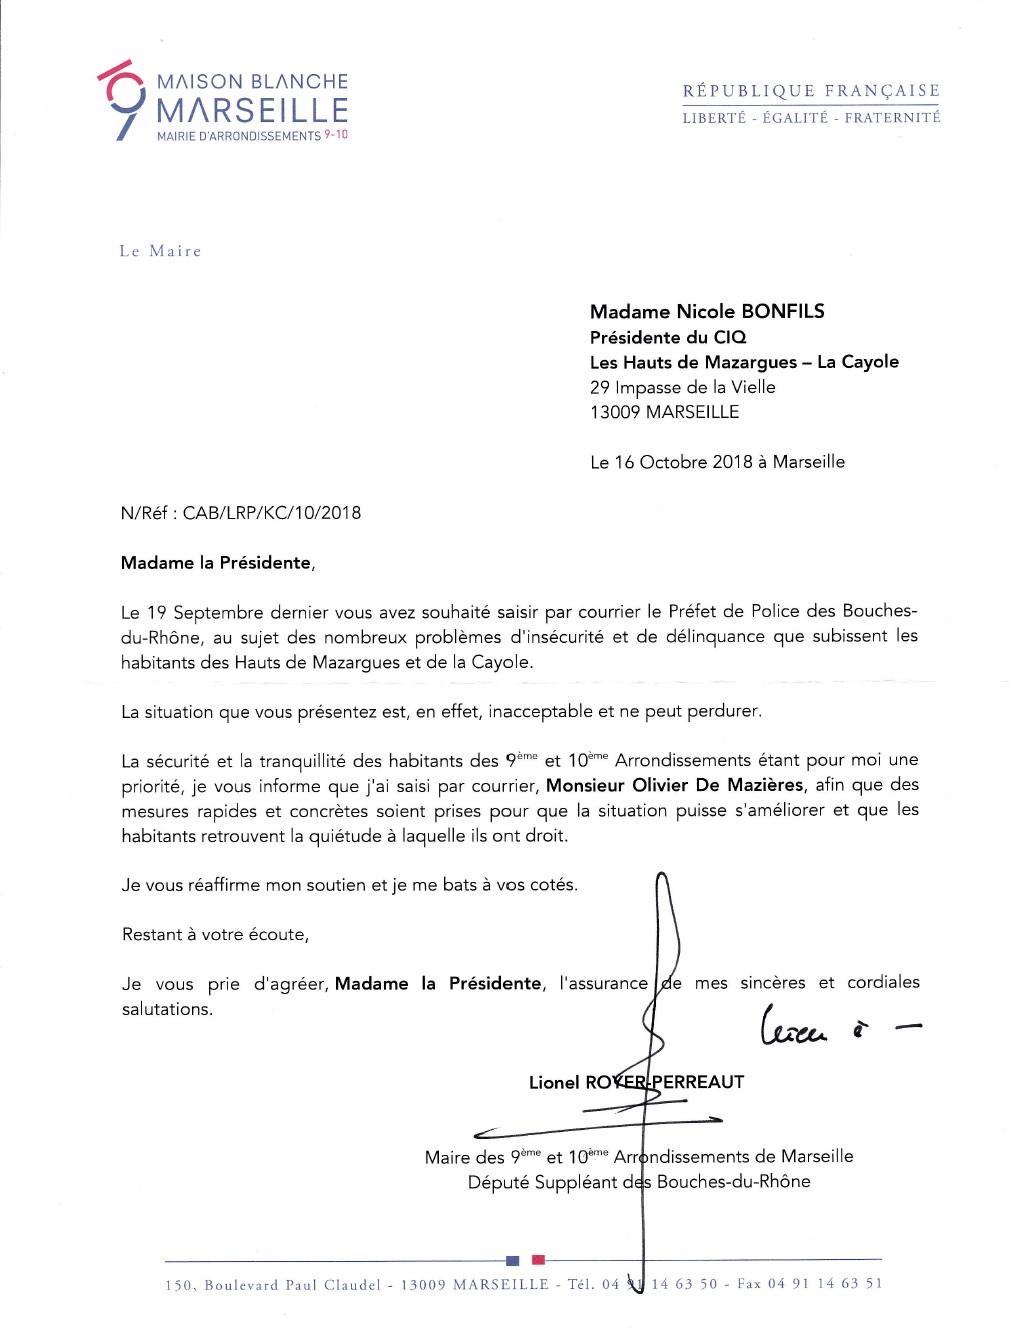 Courrier LRP 16.10.18 Préfet de police